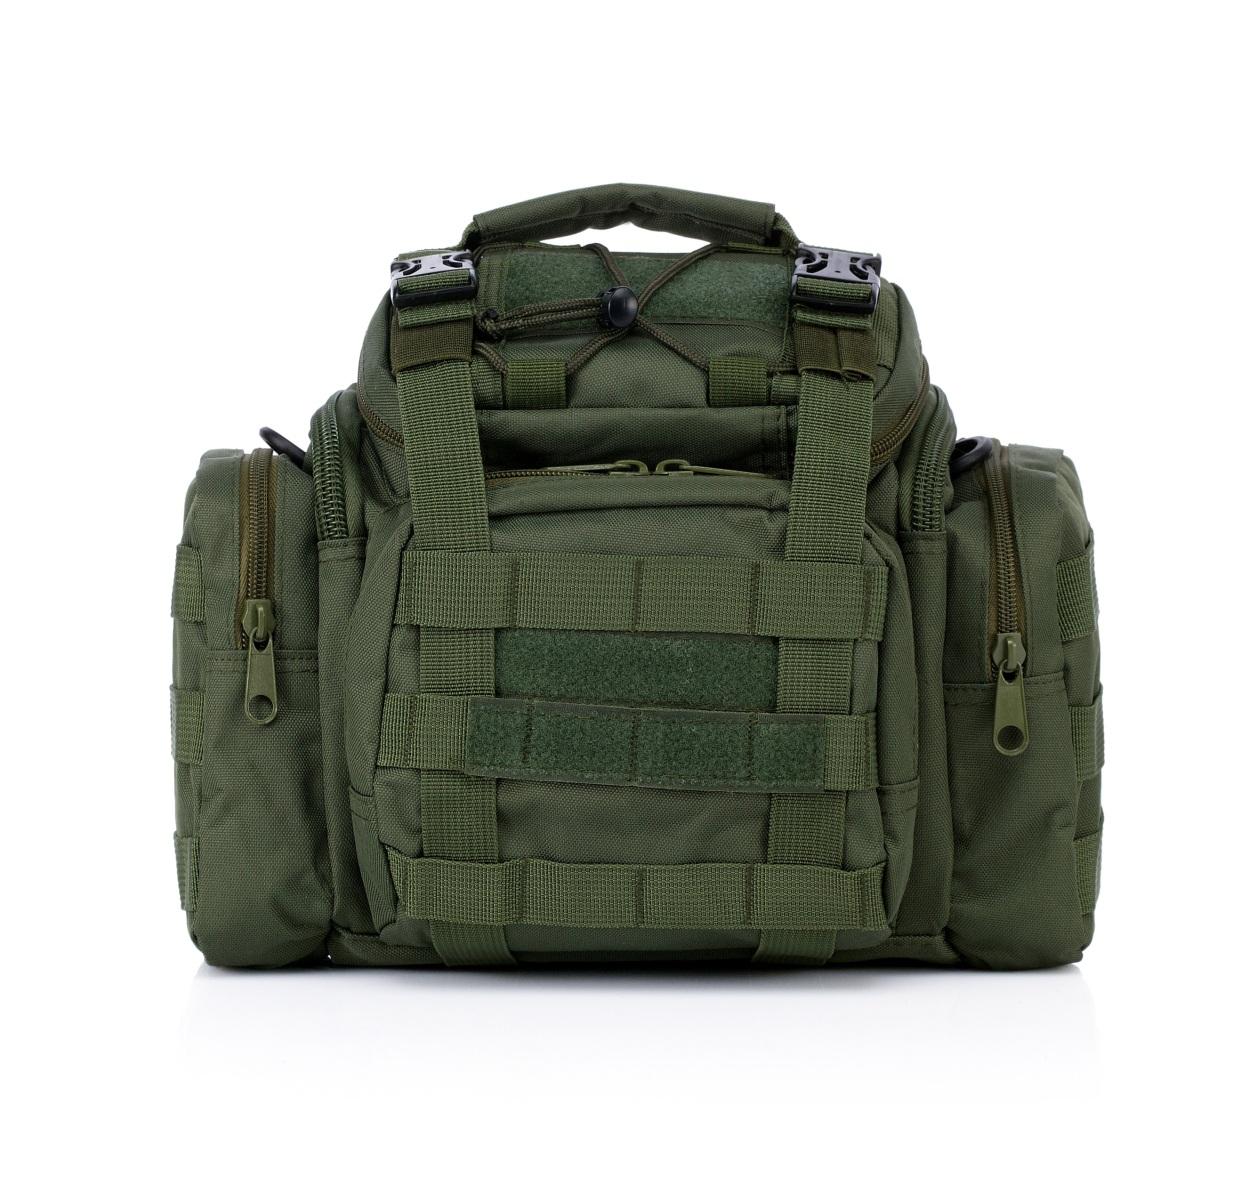 Мужская сумка на плечо с поясным креплением MOLLE купить недорого